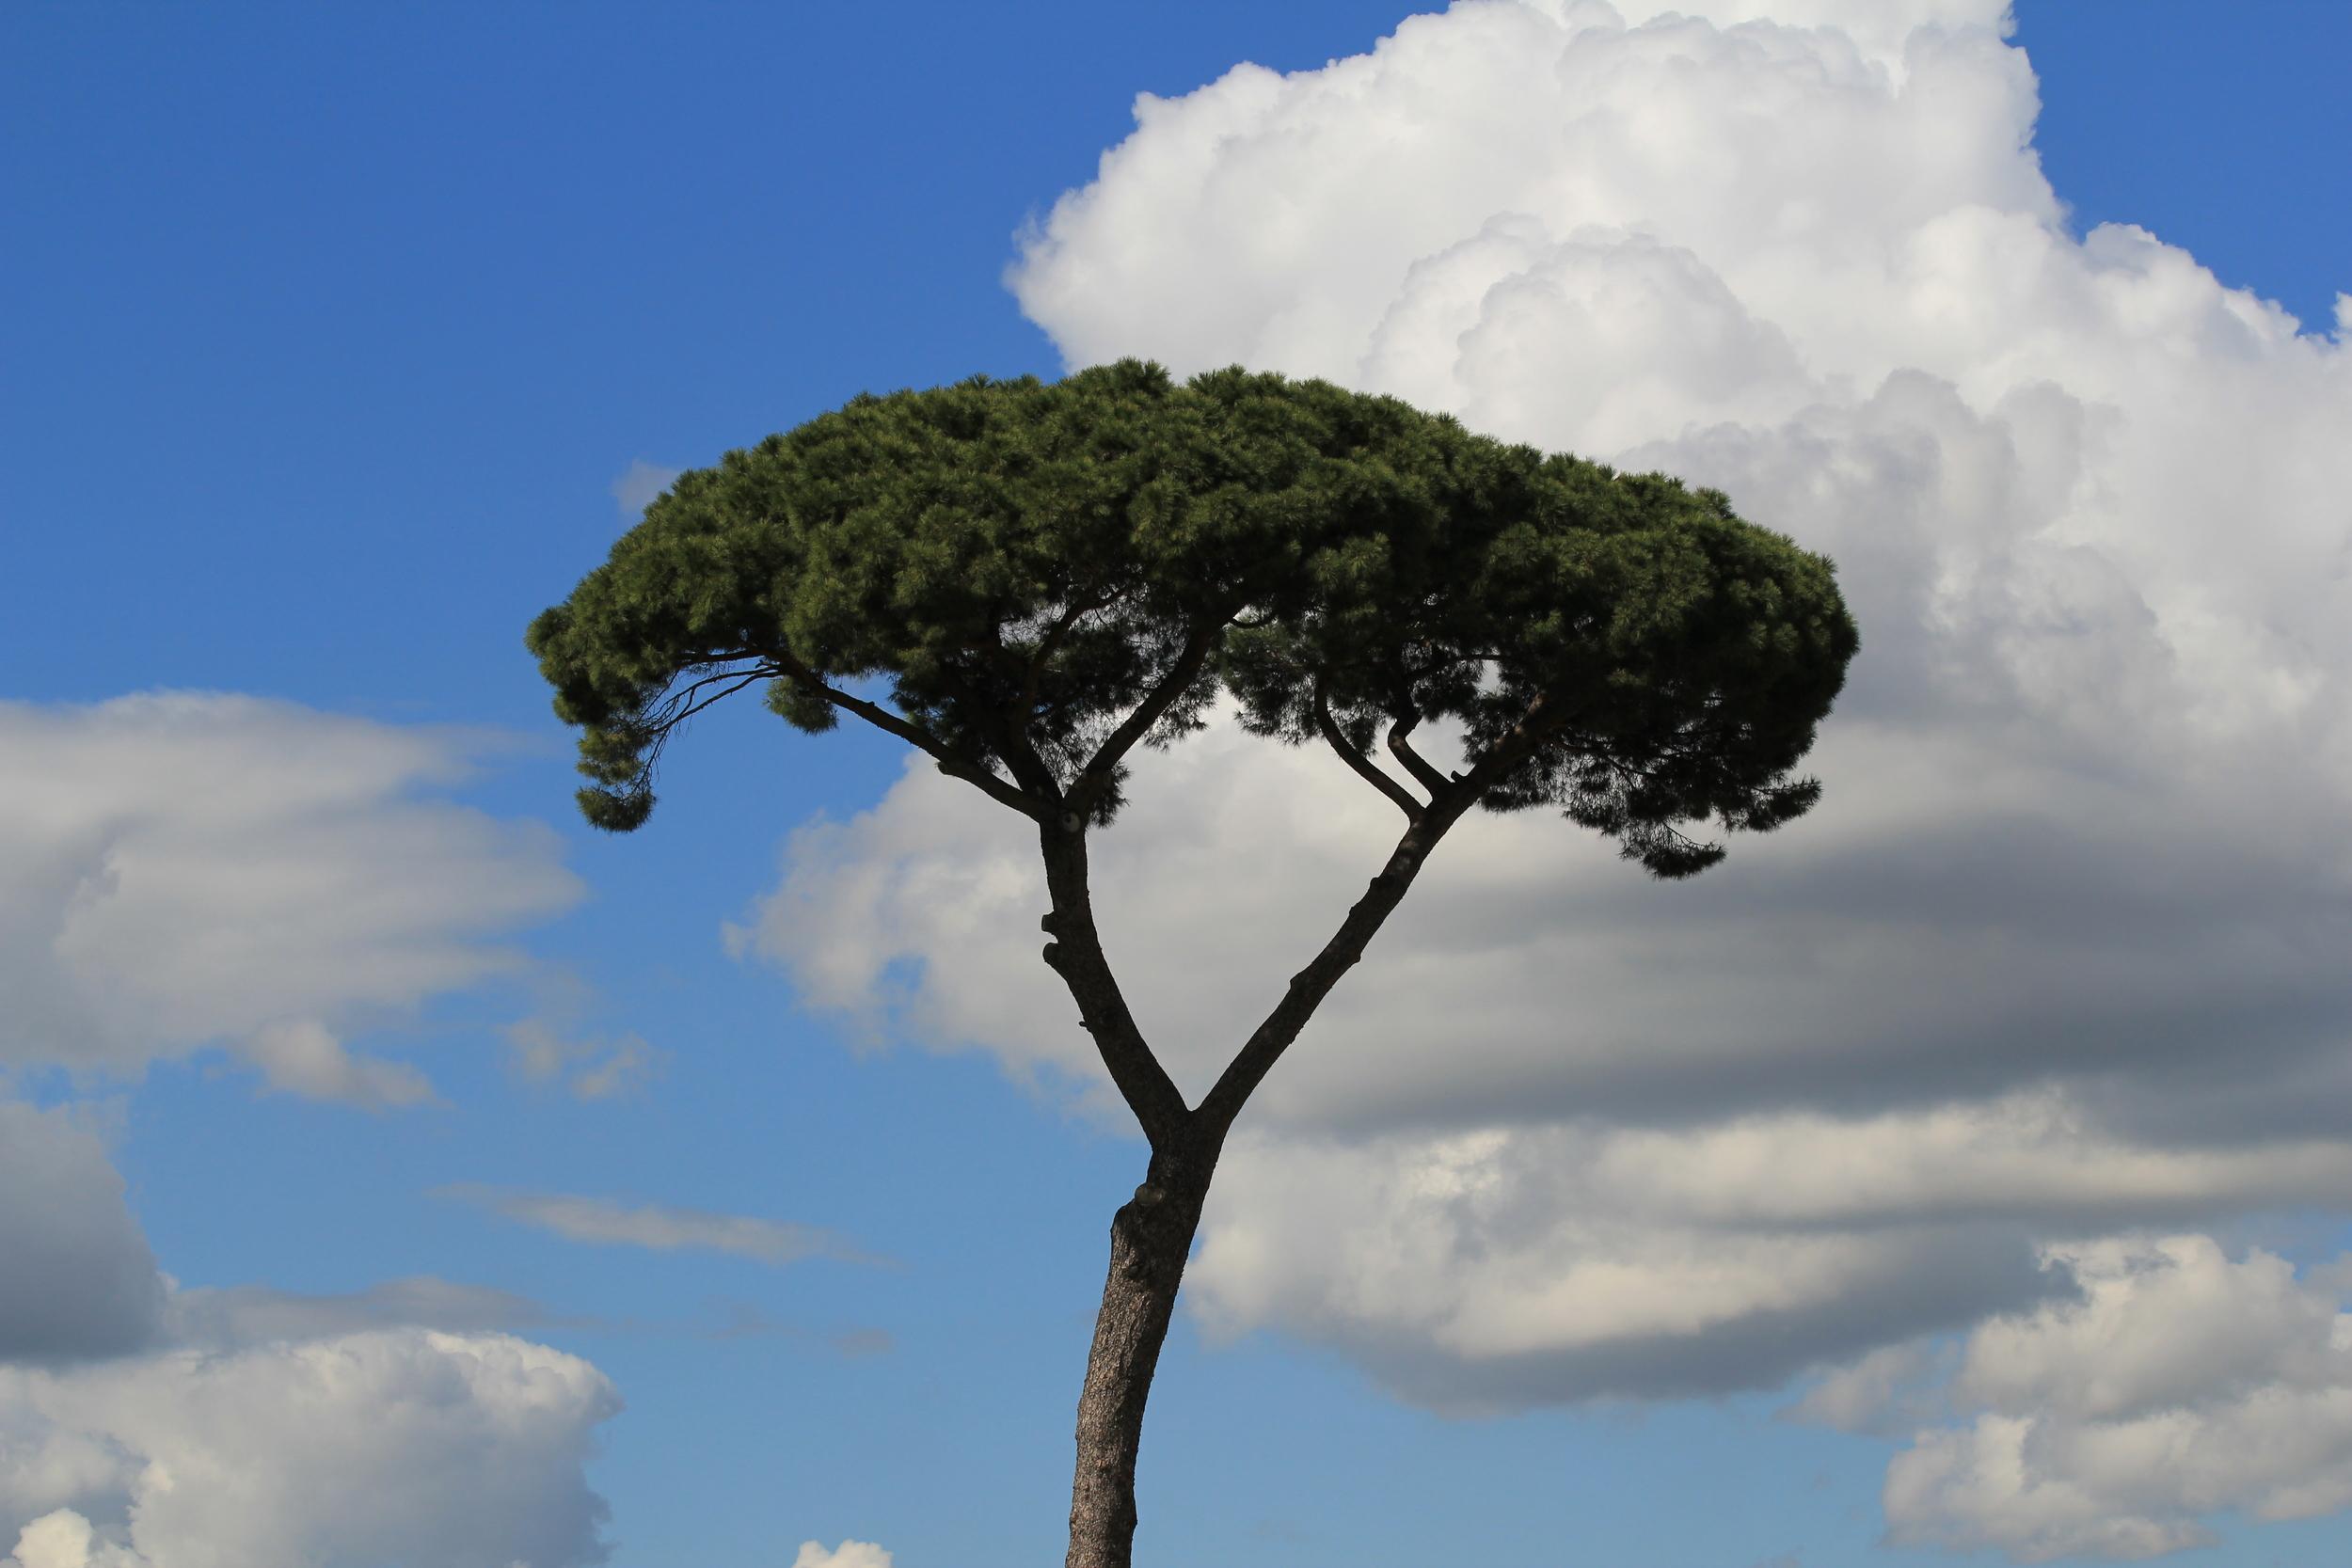 Tree on the Roman skyline, Italy